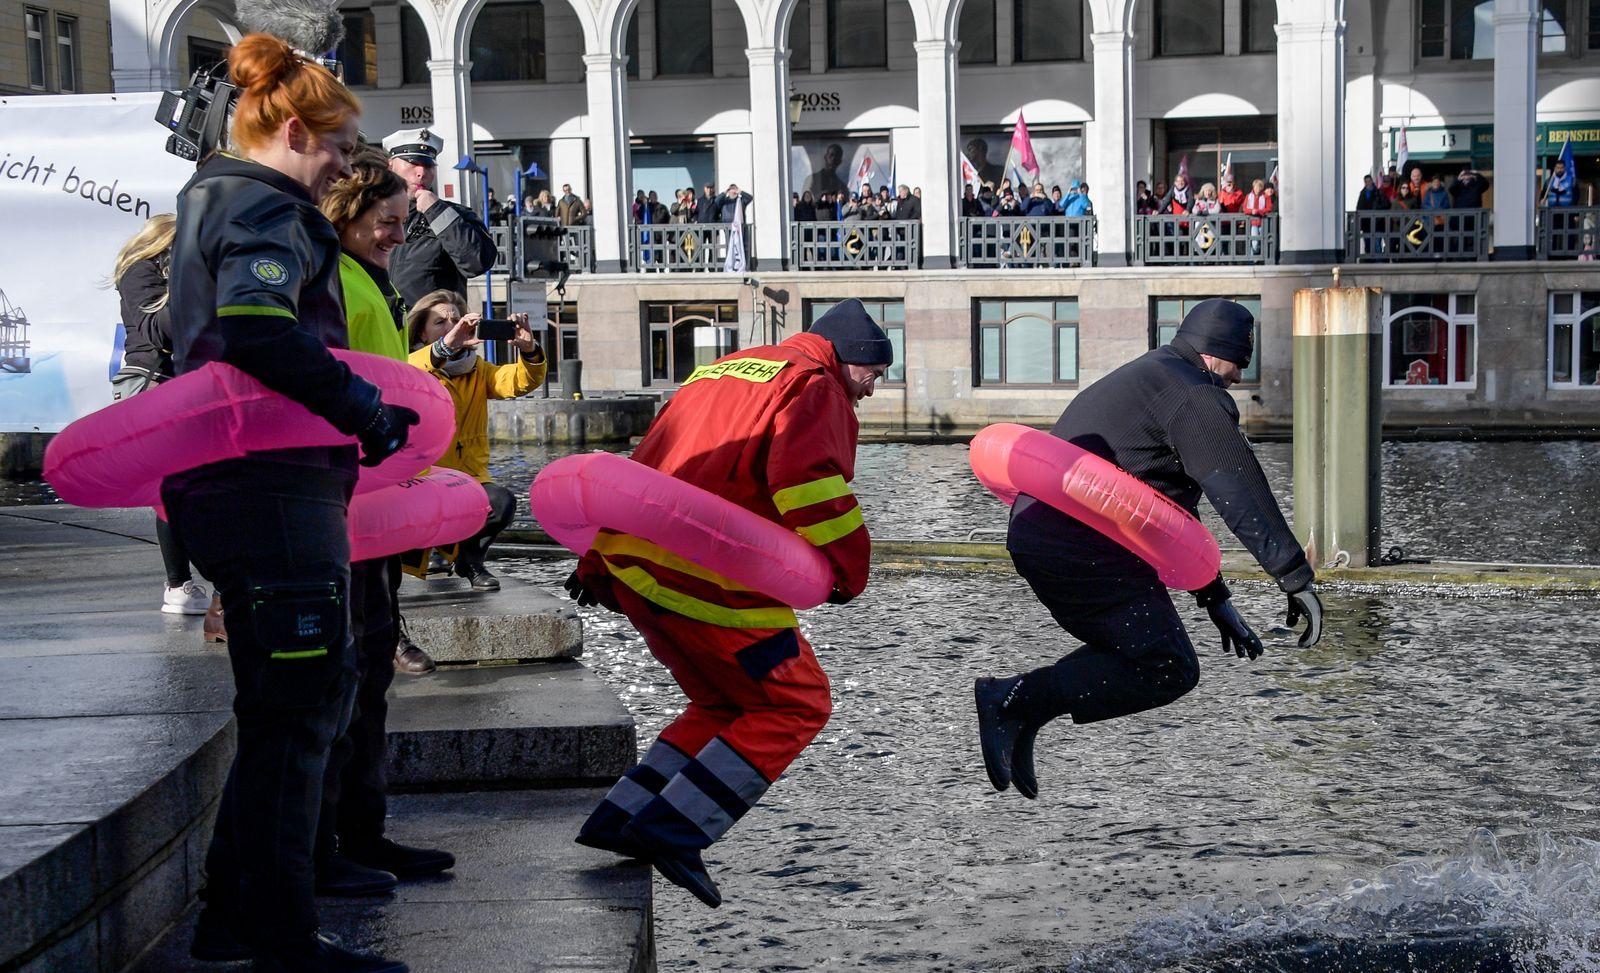 Streik öffentlicher Dienst Hamburg Alster